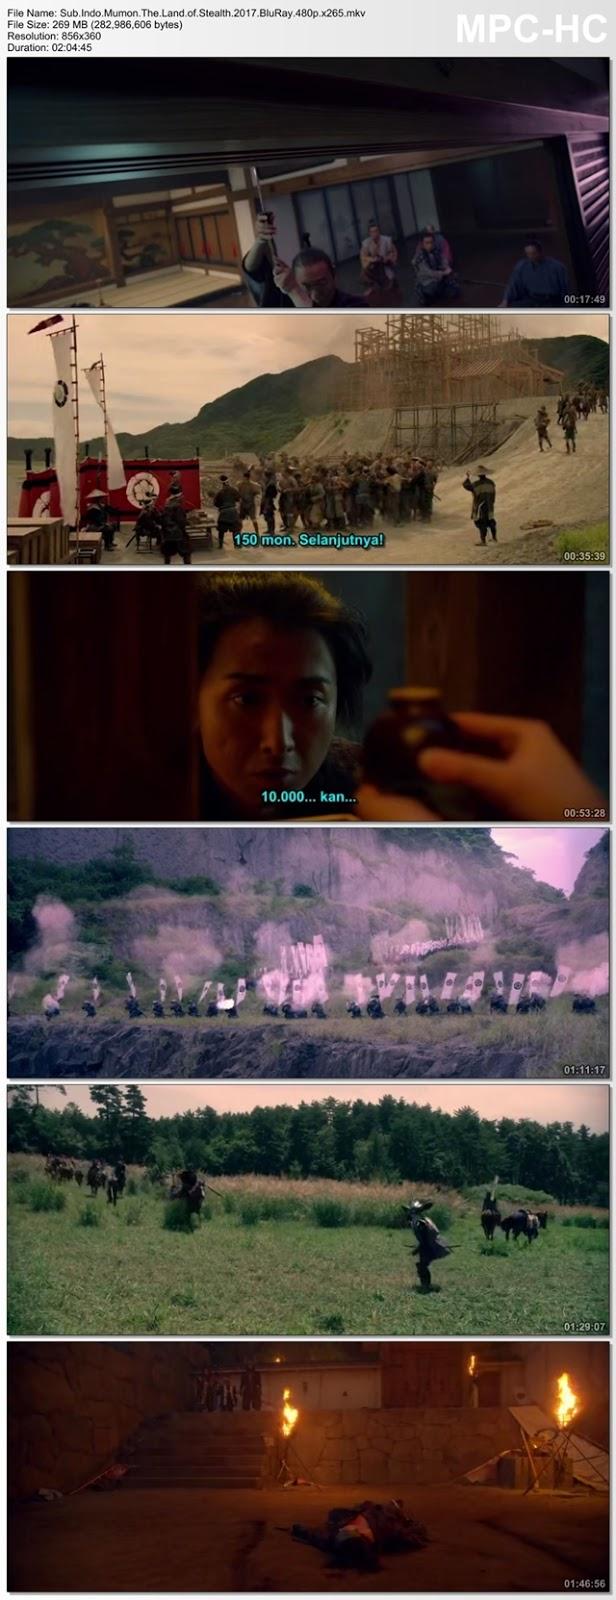 Screenshots Movie Sub.Indo.Mumon: The Land of Stealth aka Shinobi No Kuni aka Ninja Doi Dau Samurai.2017.BluRay.480p.x265.mkv